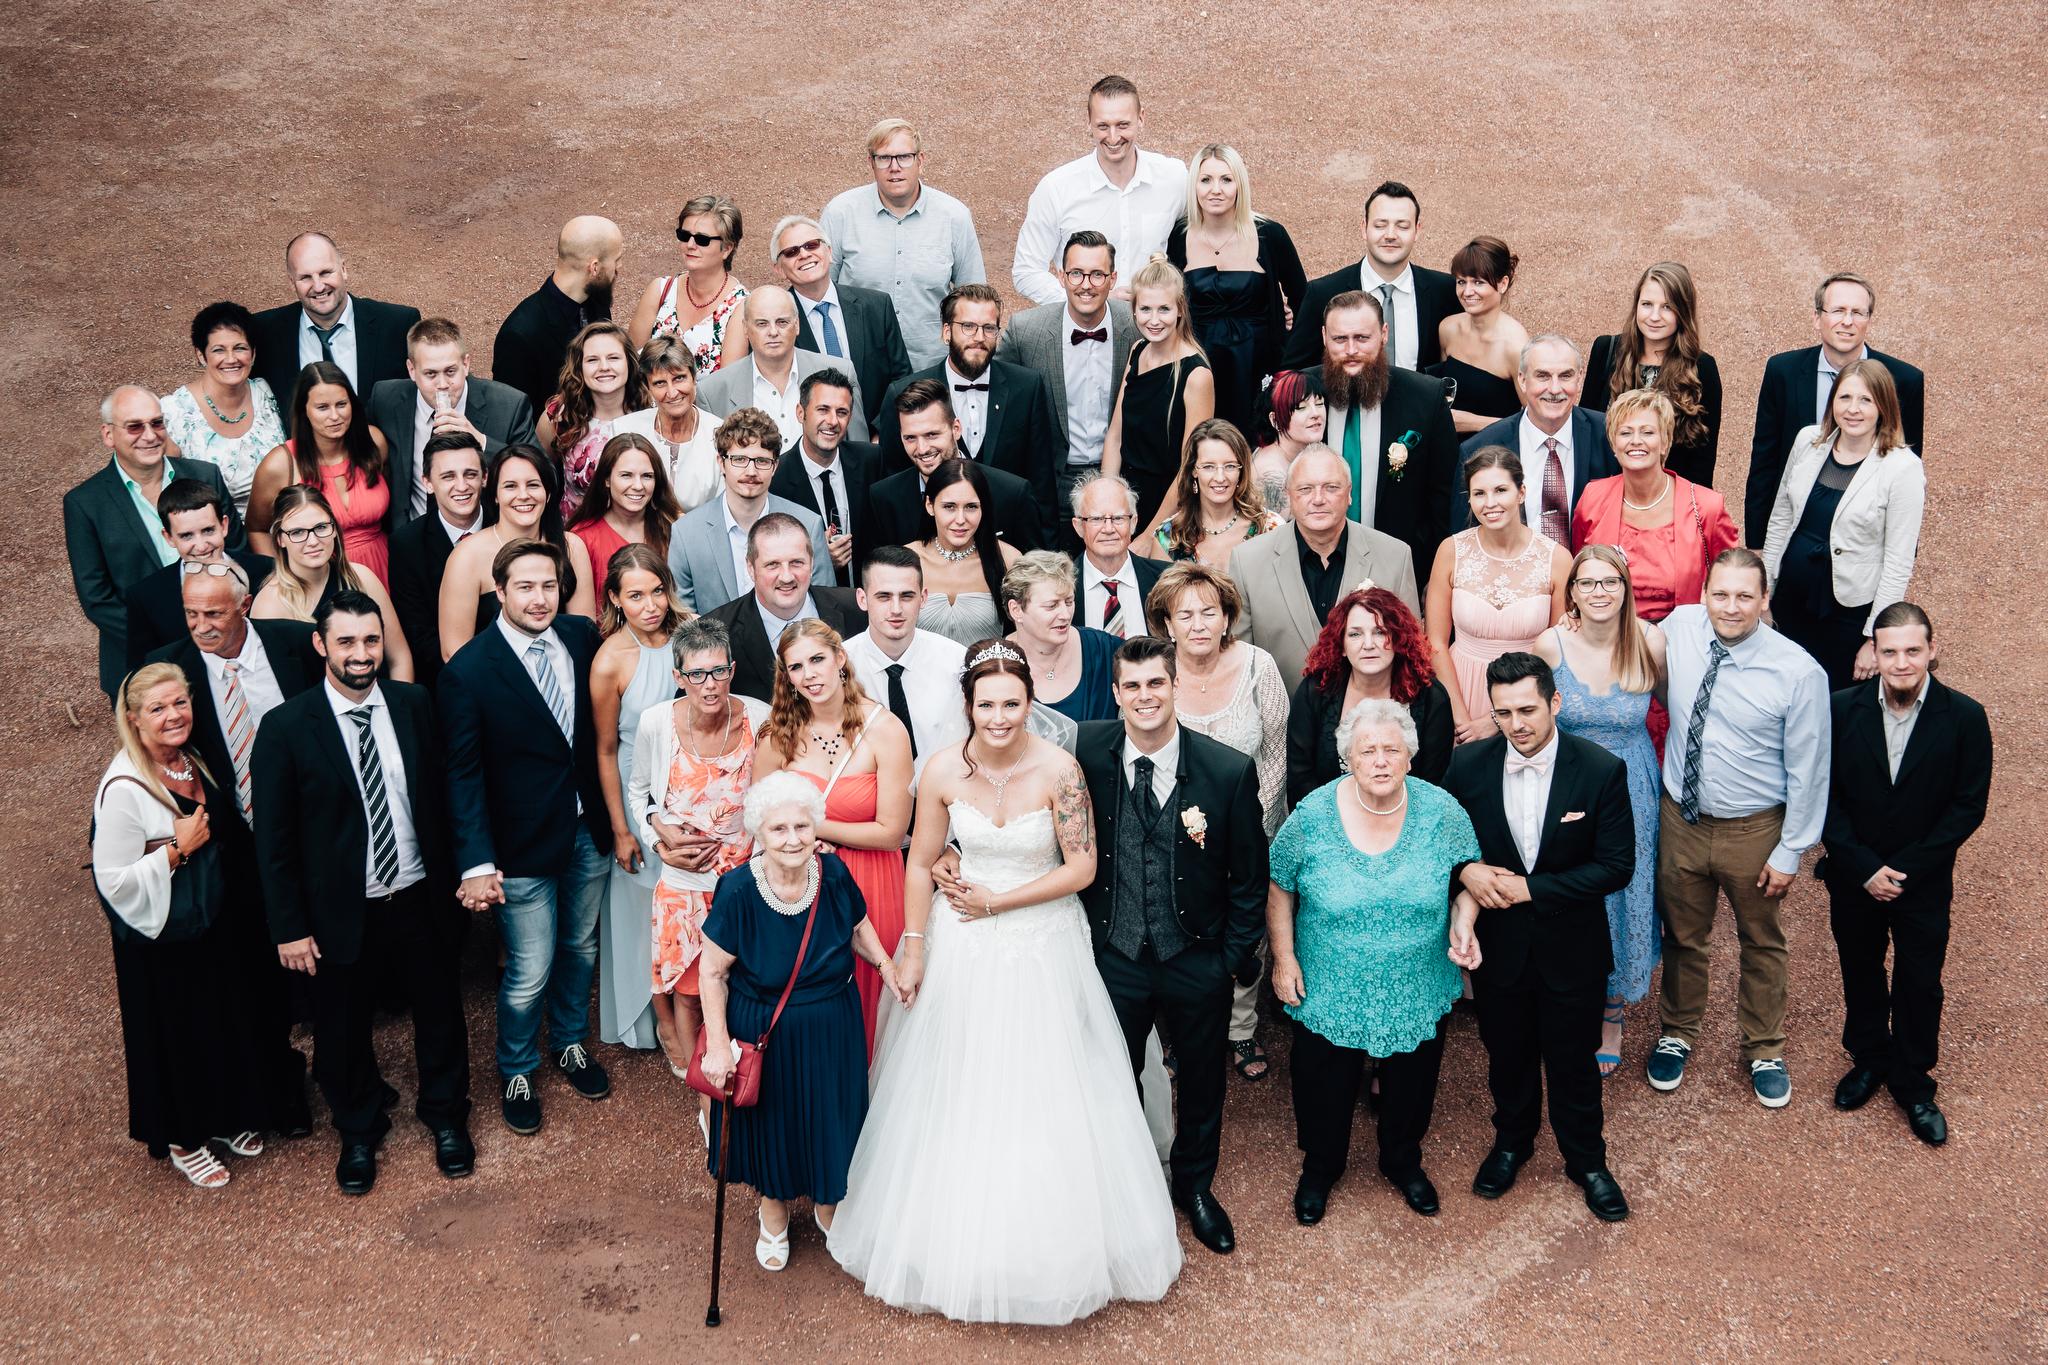 Claudia Krawinkel Fotografie Hochzeitsfotografie Hochzeit Blumenhalle im Brückenkopfpark Jülich Essen Düsseldorf Bochum Dortmund Mönchengladbach NRW Ruhrgebiet 83